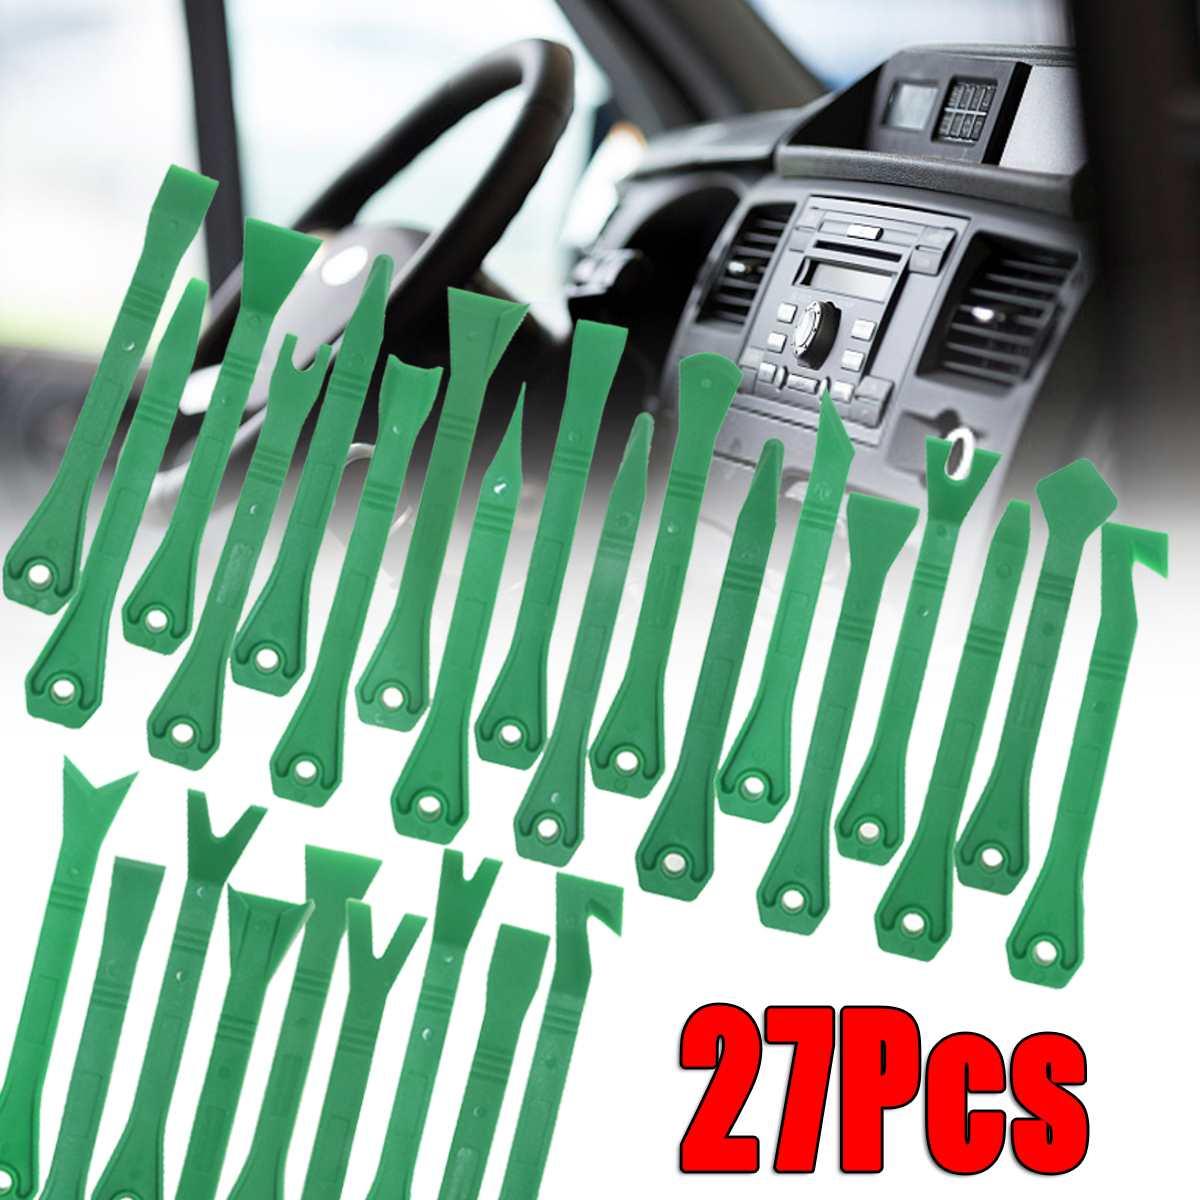 27 pièces voiture stéréo Radio Audio garniture enlèvement Pry panneau porte tableau de bord installer outils Kit 7 pouces pour tous les modèles en plastique outils à main ensembles